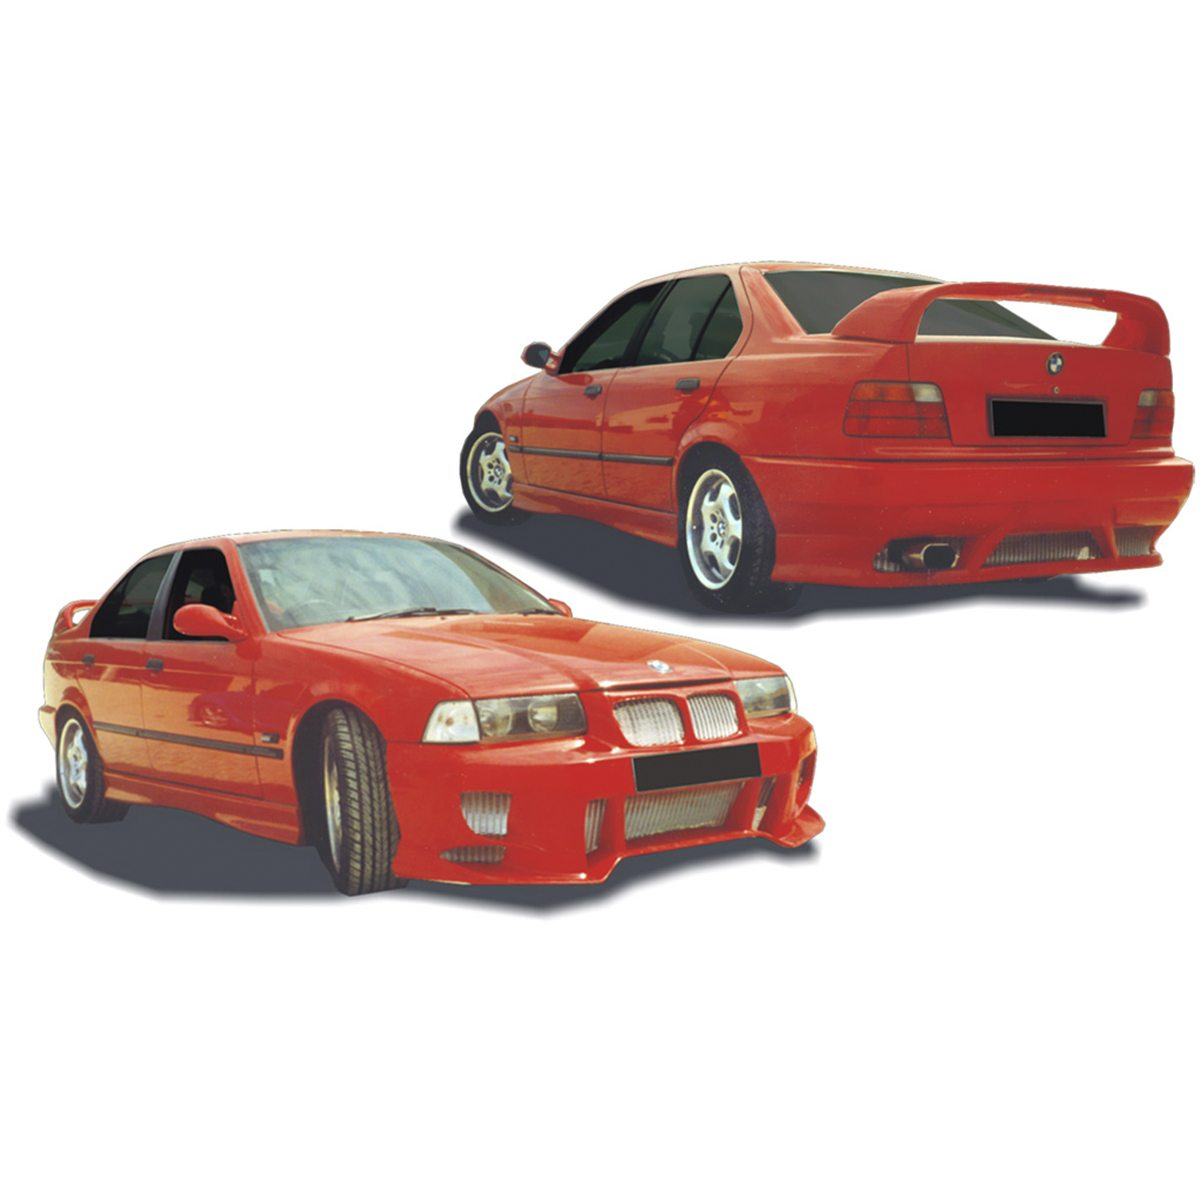 BMW-E36-Radikal-KIT-QTU079